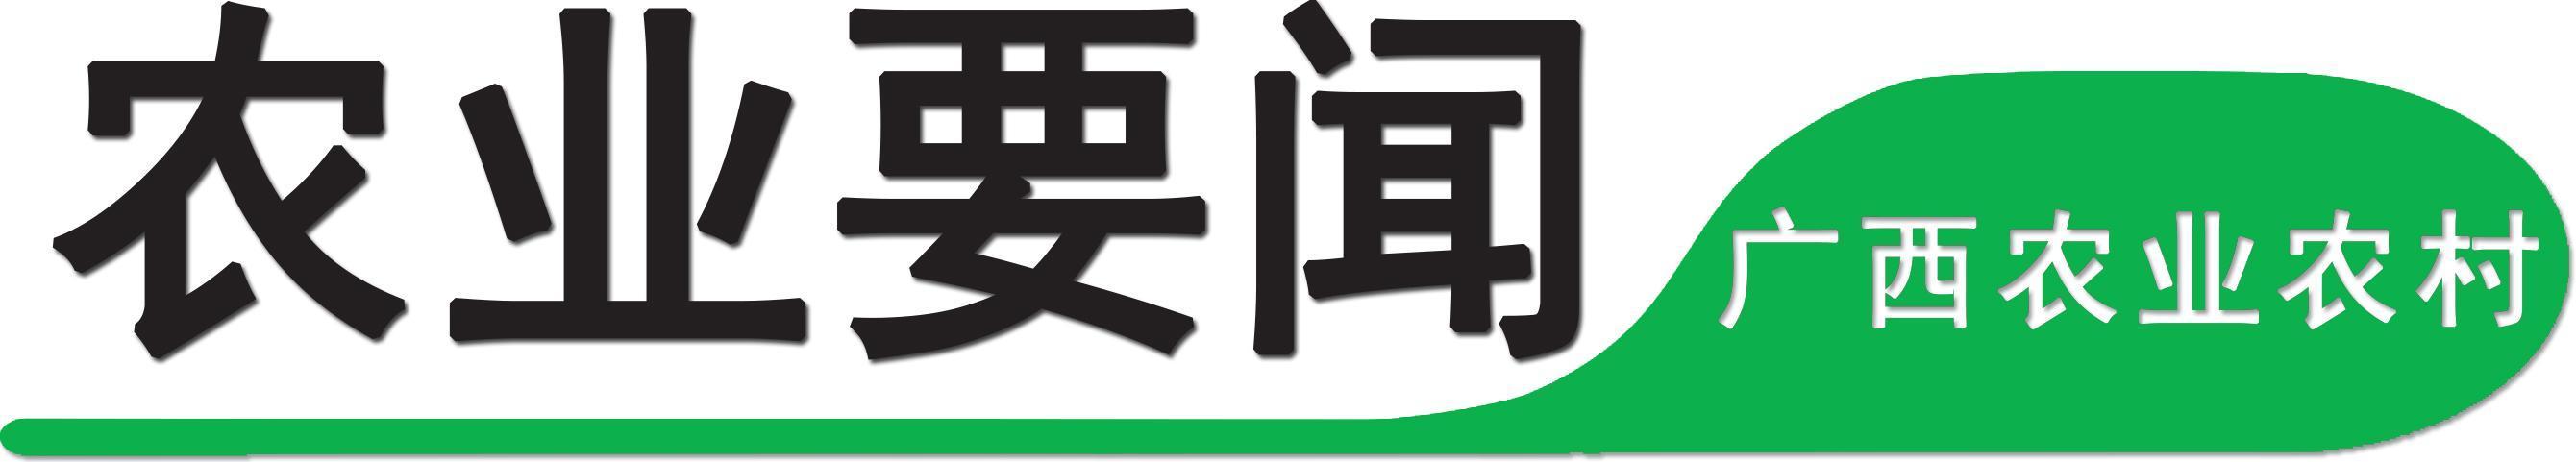 「旅行百事通」金城江区打造龙江沿岸荷花景区